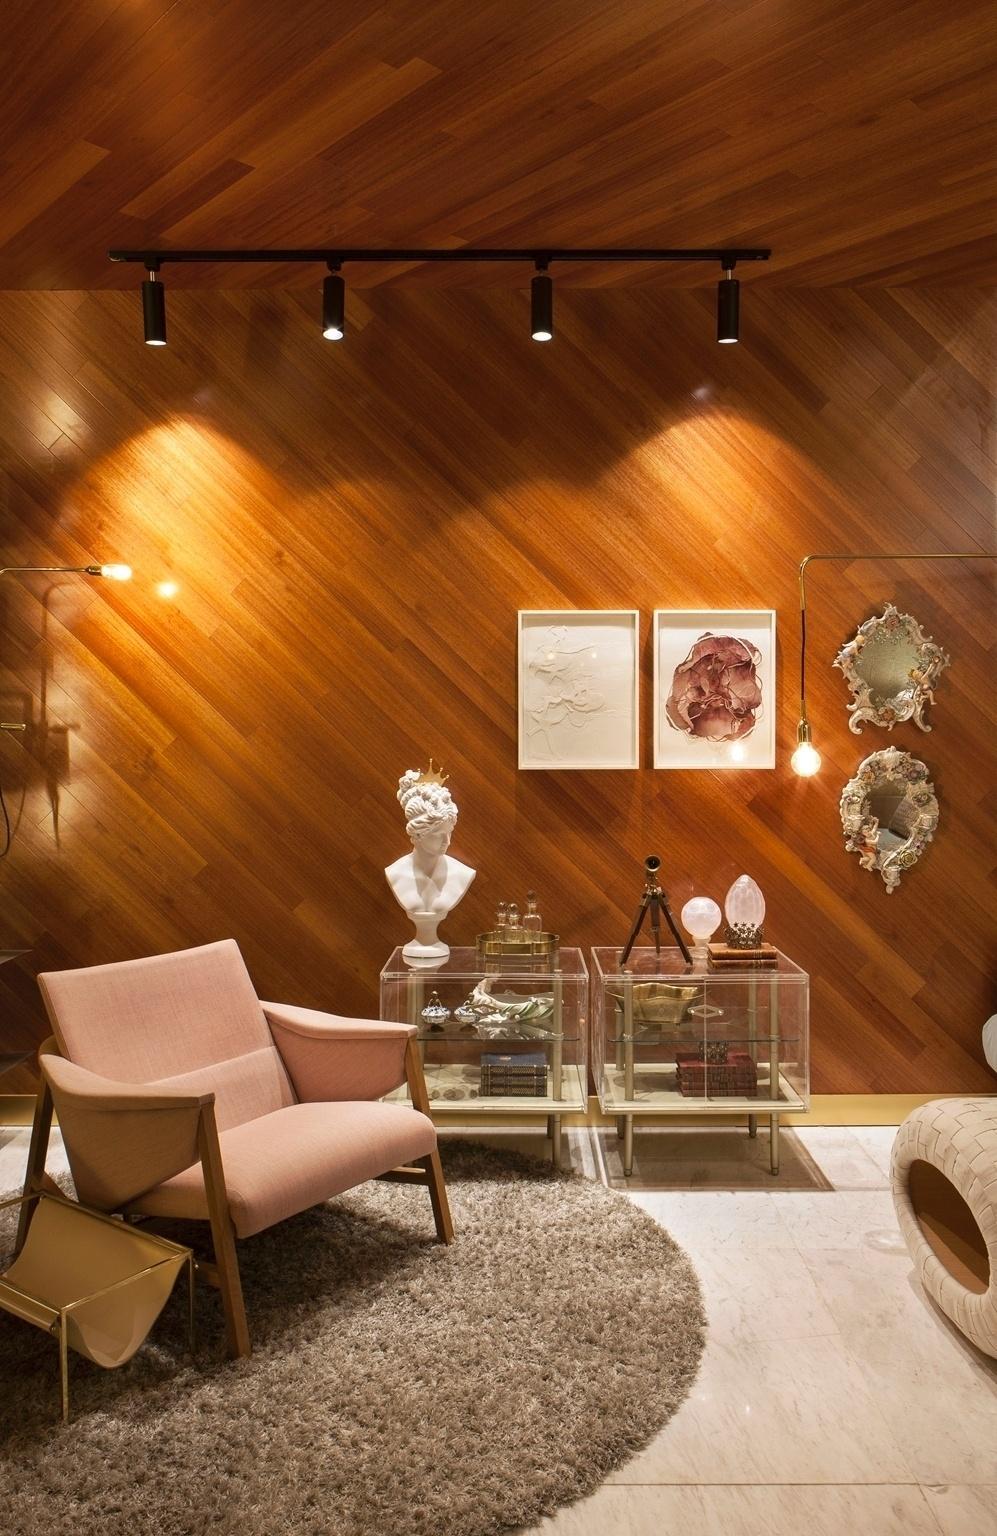 Casa Cor PE - 2016: na Sala de TV, projetada por Mariana Russo e Fernanda Ventura, a madeira cumaru utilizada no revestimento do teto e da parede foi o ponto de partida para a decoração. Os detalhes clássicos - como os espelhos (à dir.) - são parte do arquivo pessoal das arquitetas. Estes elementos convivem com o toque contemporâneo dado pelos criados-mudos de acrílico e móveis com ares modernos